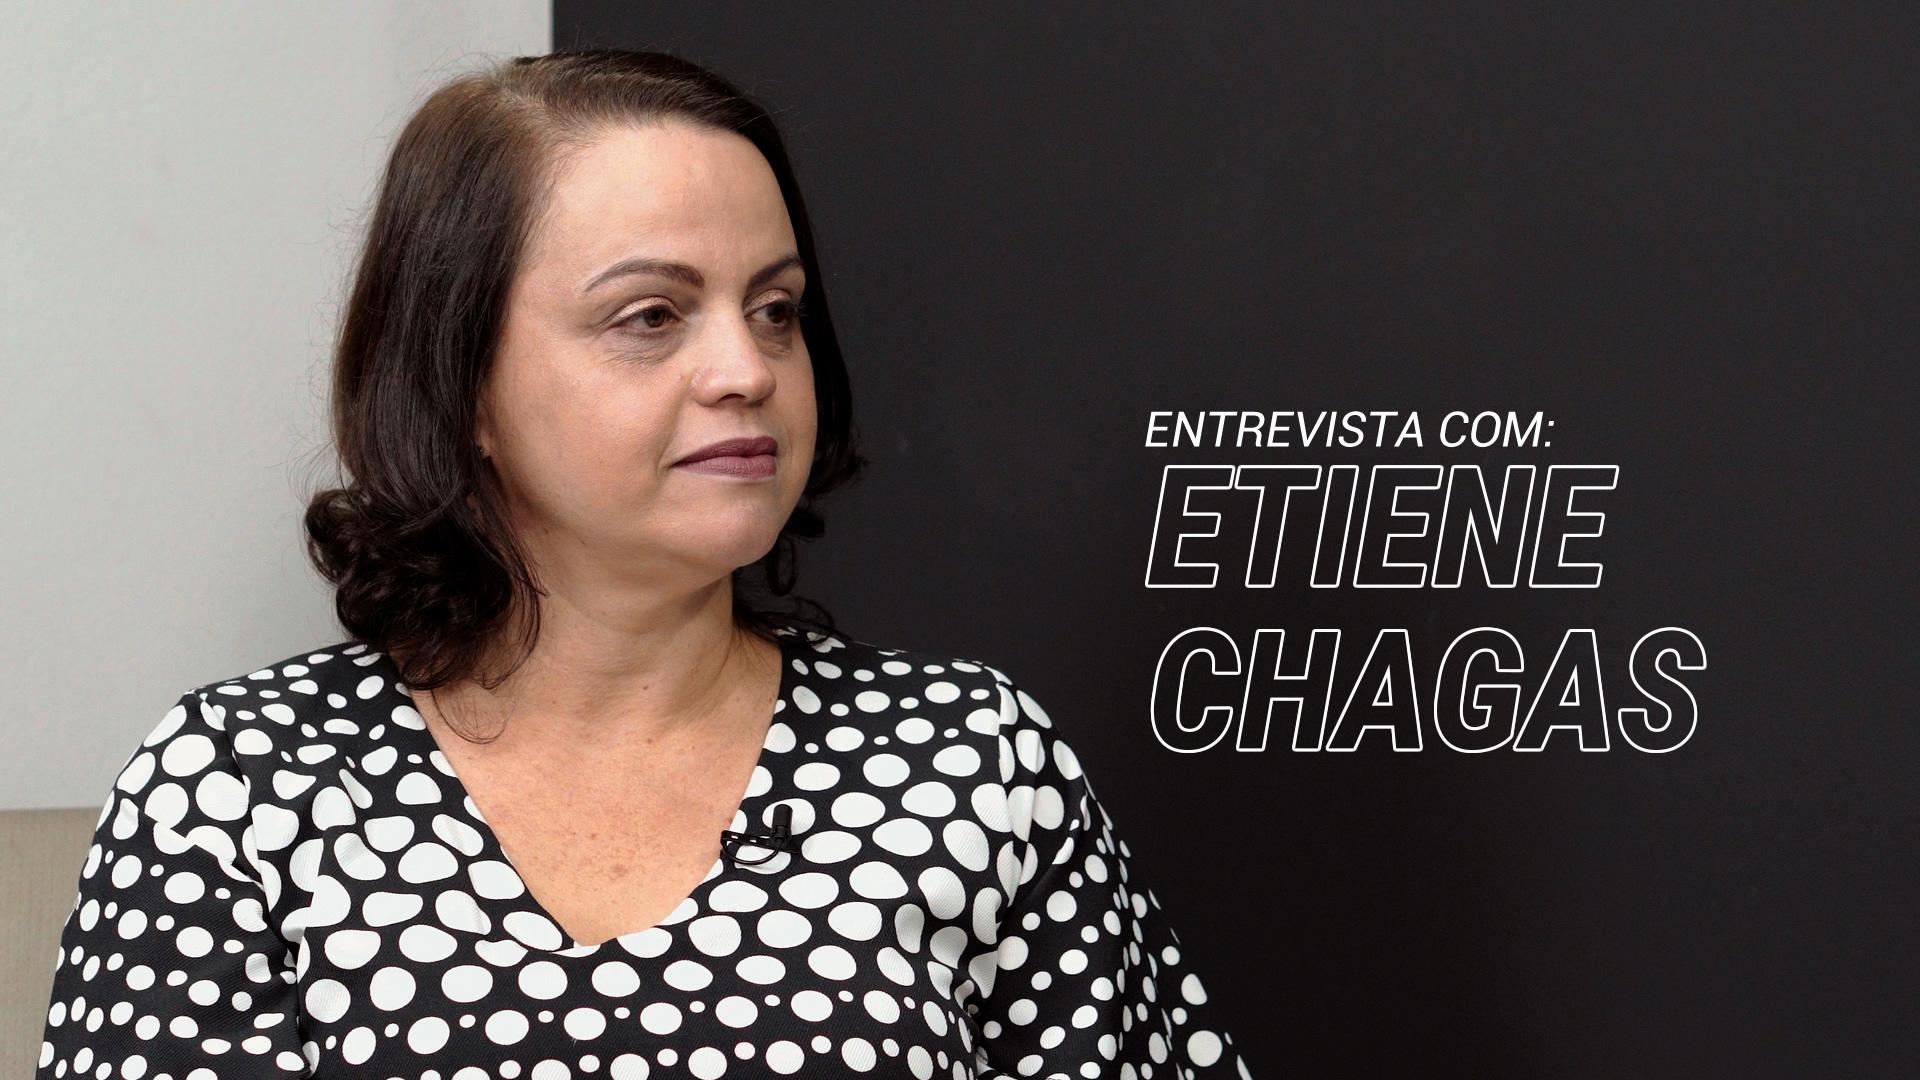 Etiene chagas